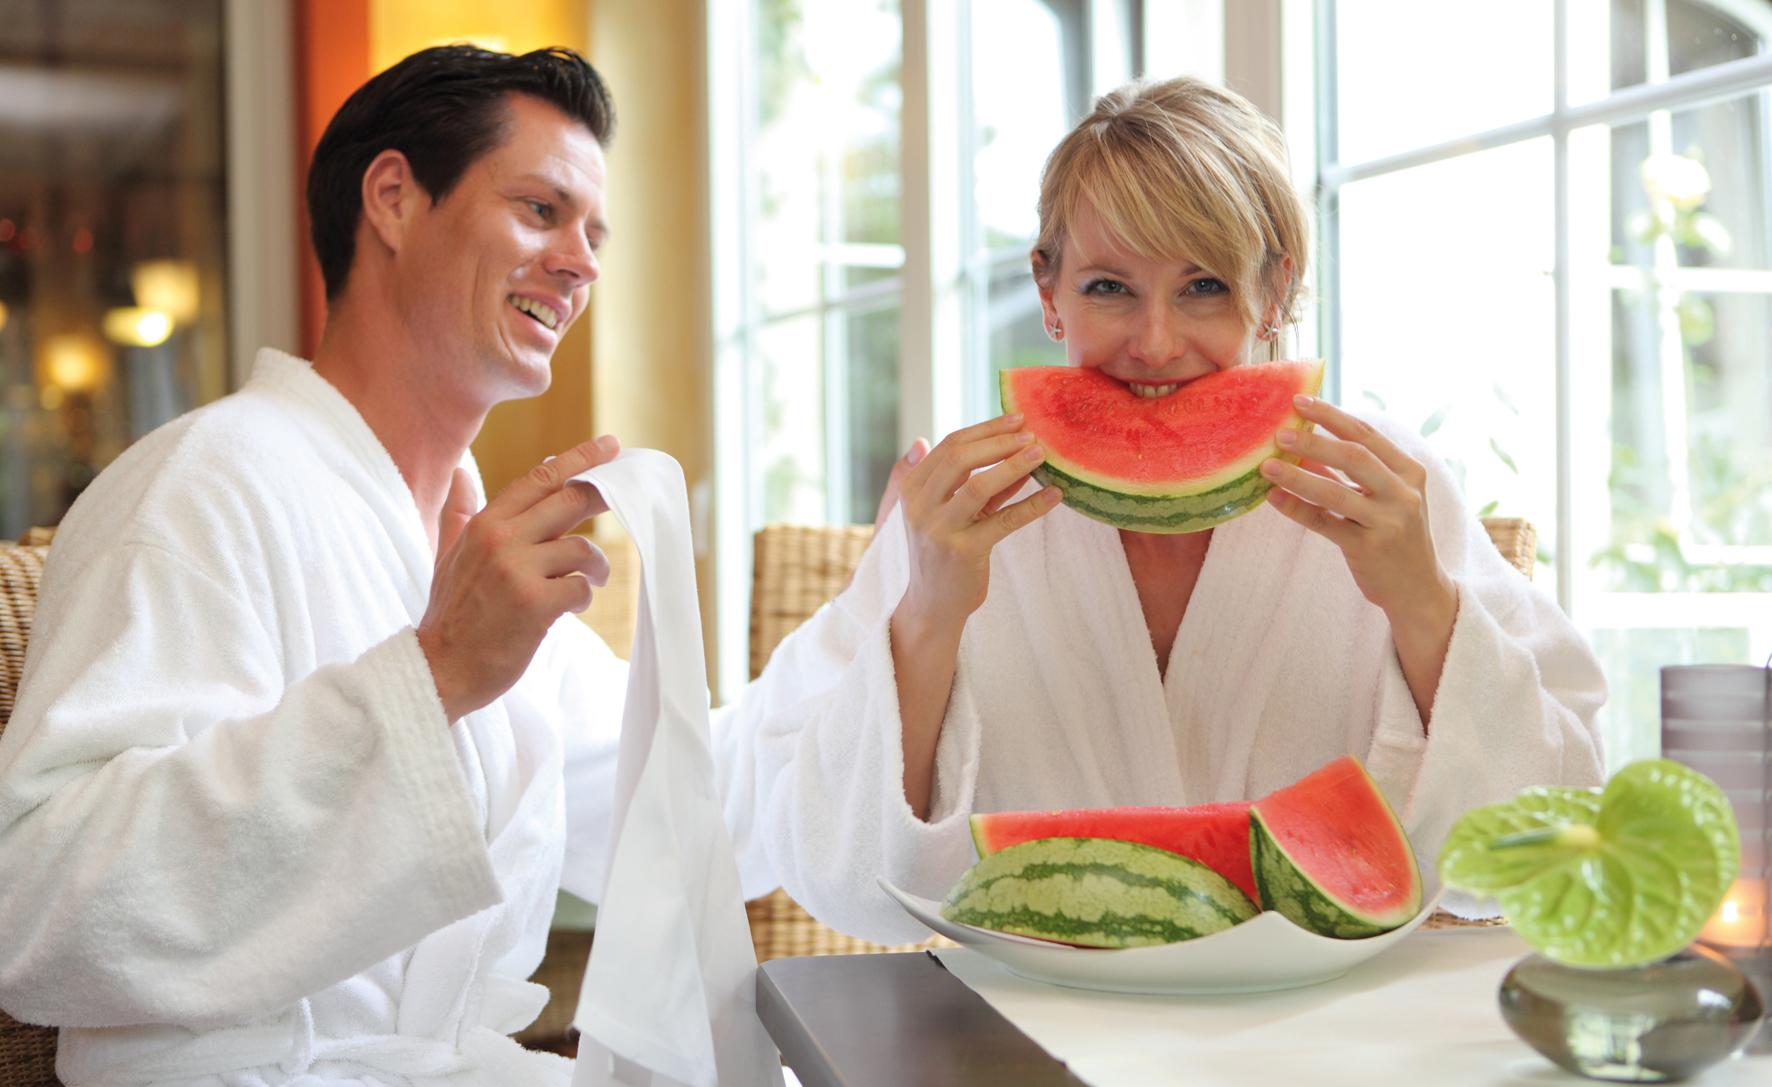 Wassermelone erfrischt - hier im Vital- & Wellnesshotel Zum Kurfürsten